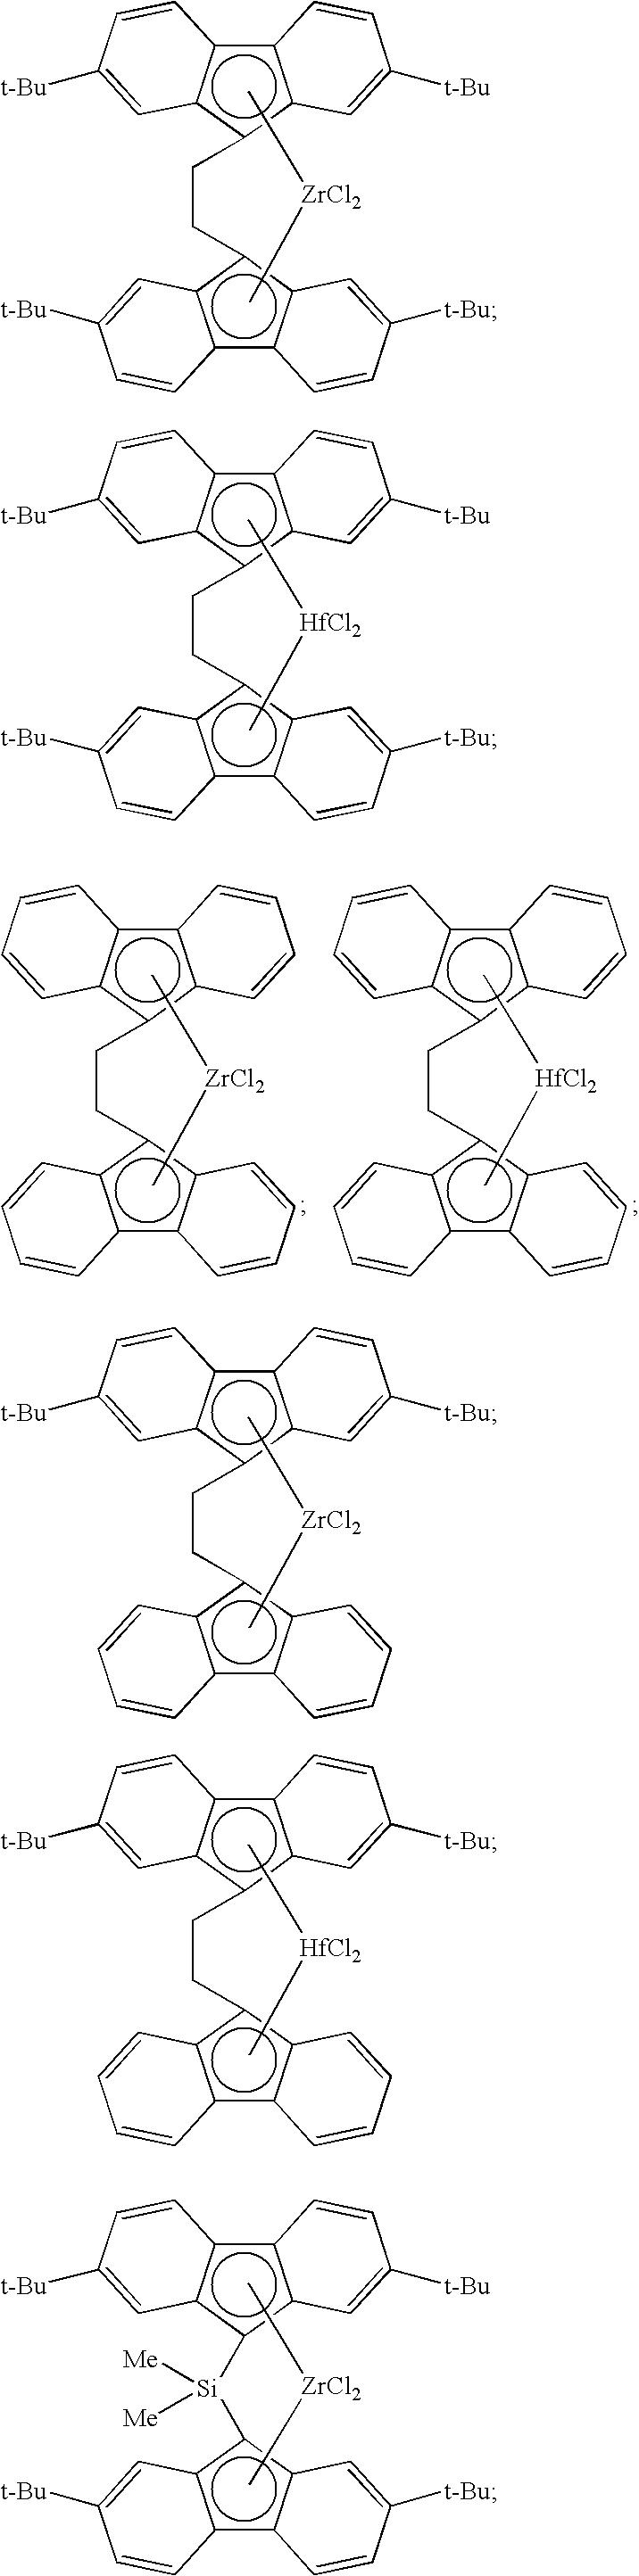 Figure US20100331501A1-20101230-C00022